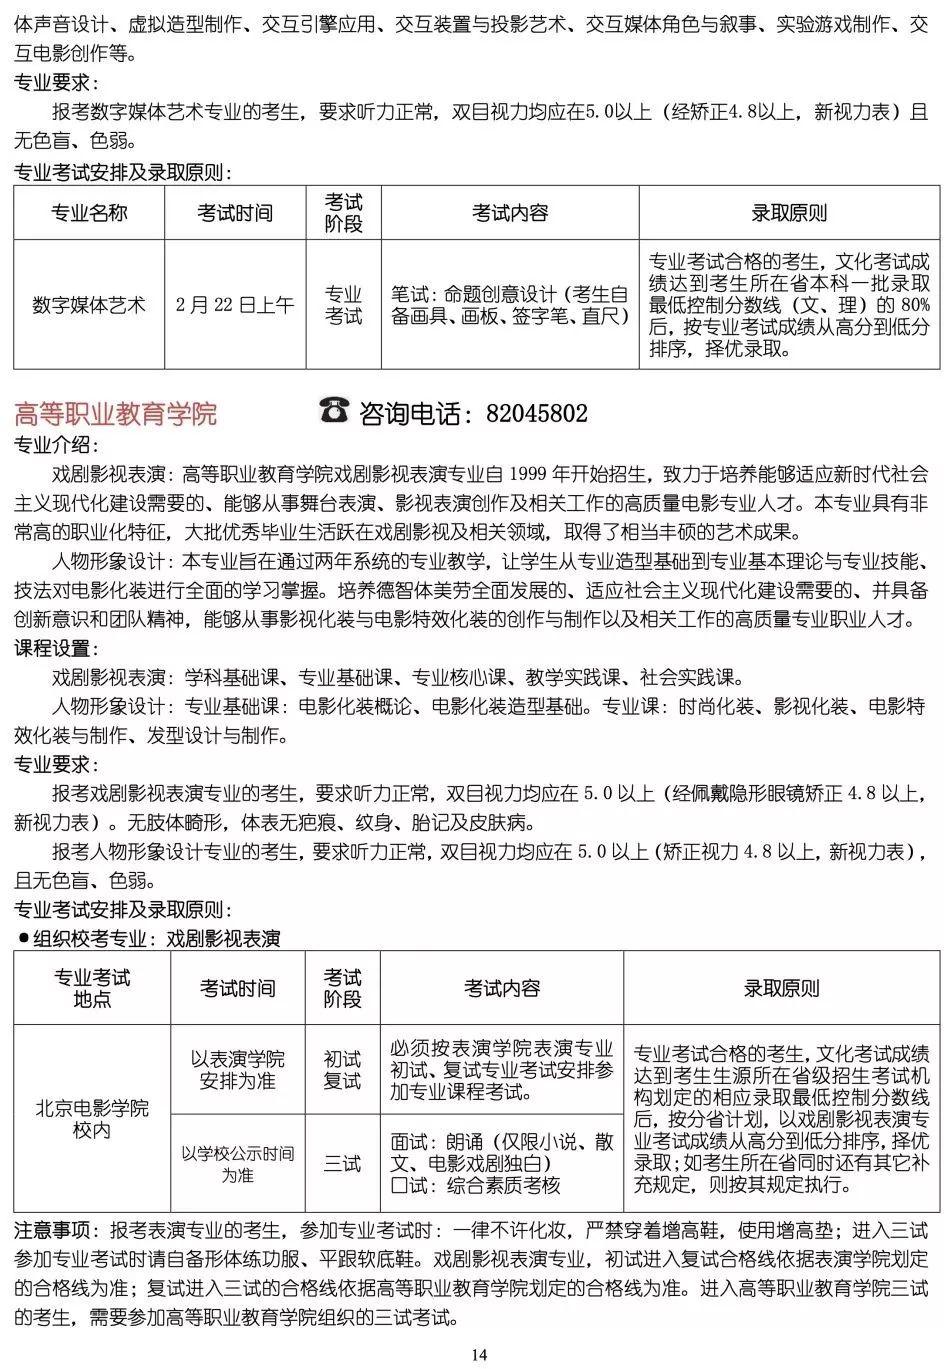 中国传媒大学,北京电影学院,中央戏剧学院,北京巅峰广艺画室       28